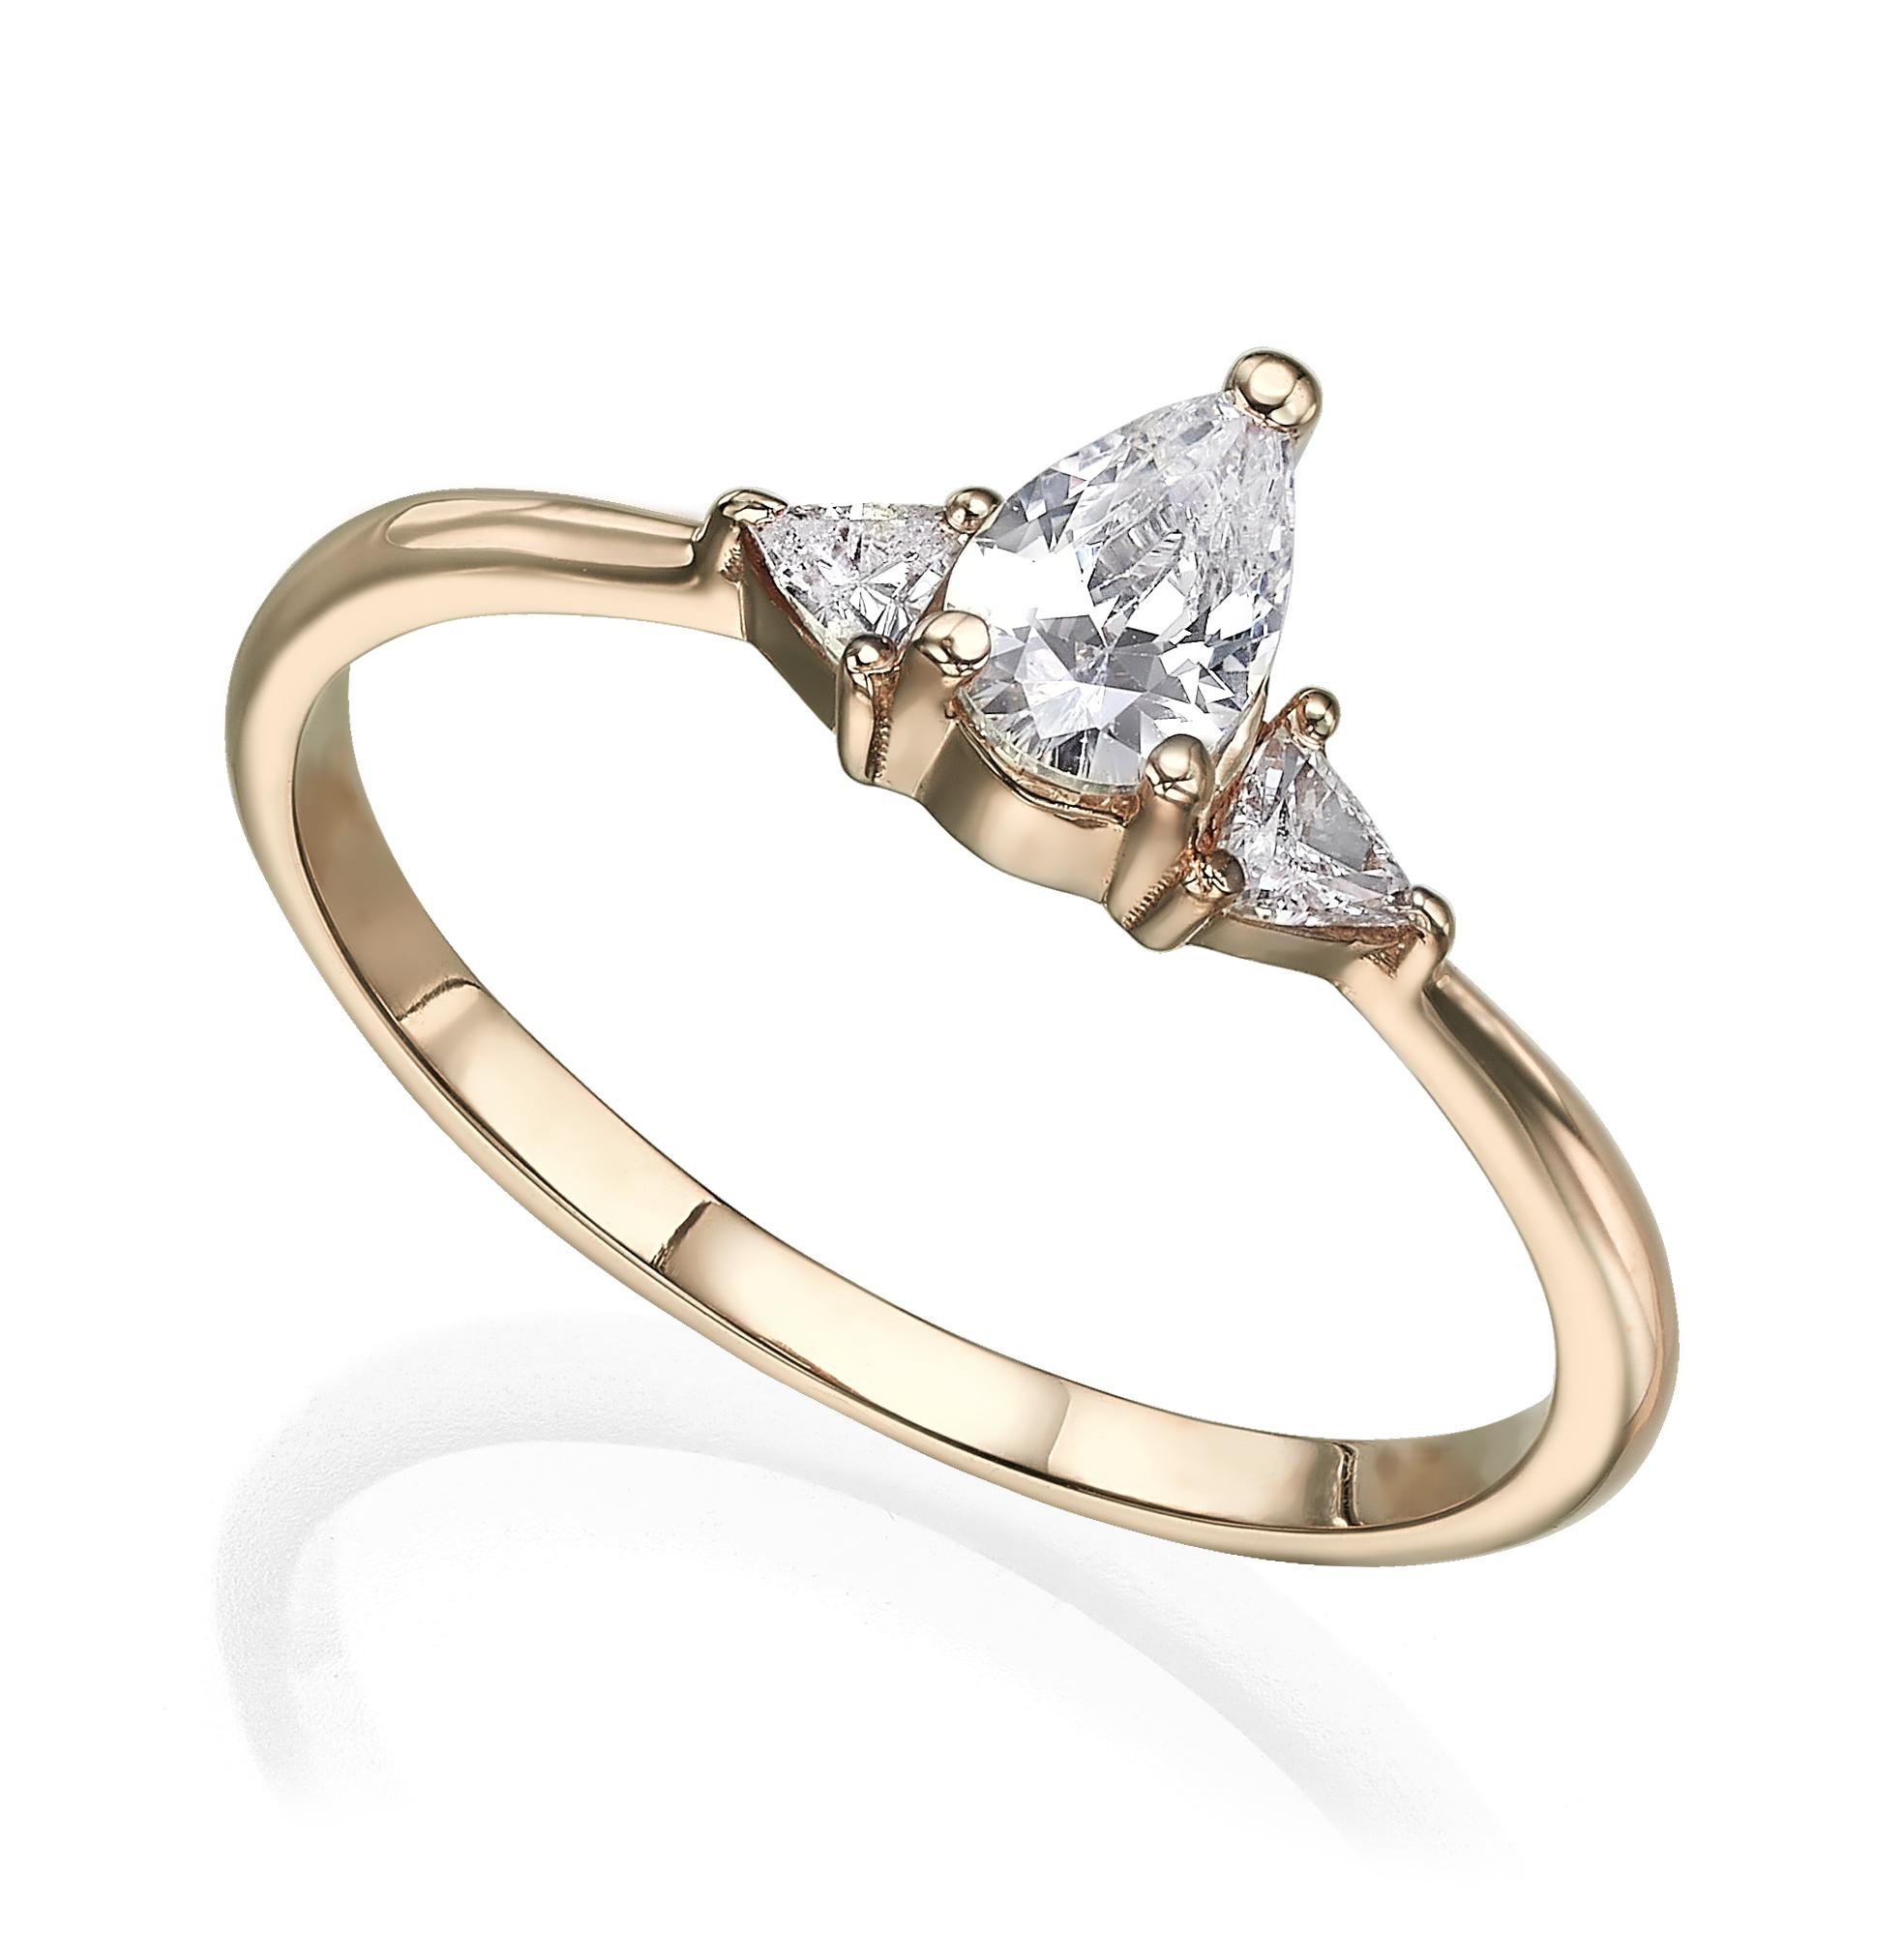 טבעת אירוסין מושבצת יהלום בחיתוך טיפה מרכזי ויהלומים בחיתוך משולשים בצדדים